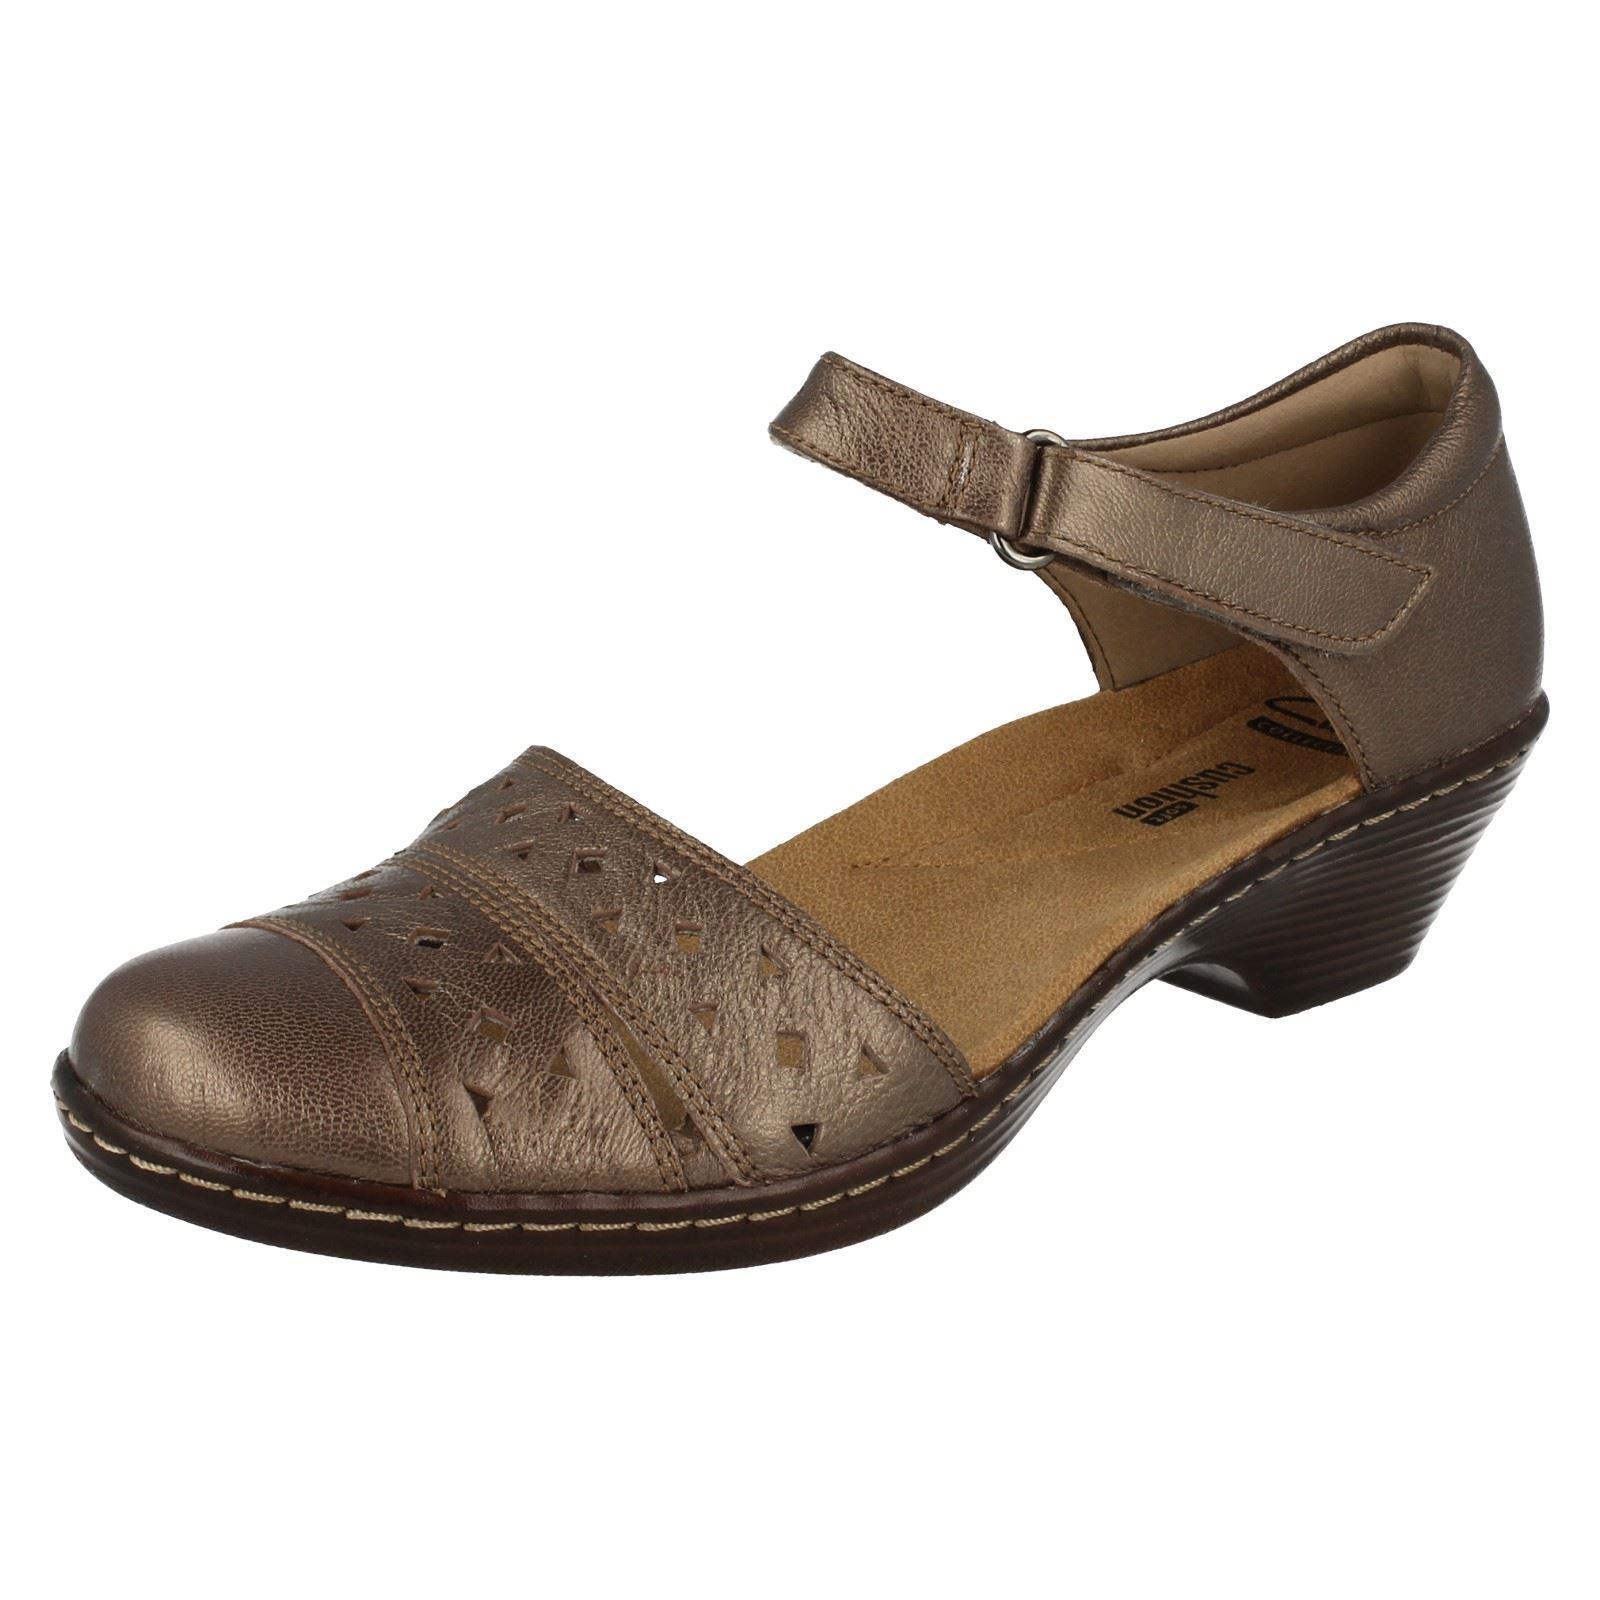 Clarks 'Wendy Laurel' Damen Zinn Leder Sommer Freizeit Schuhe D passen